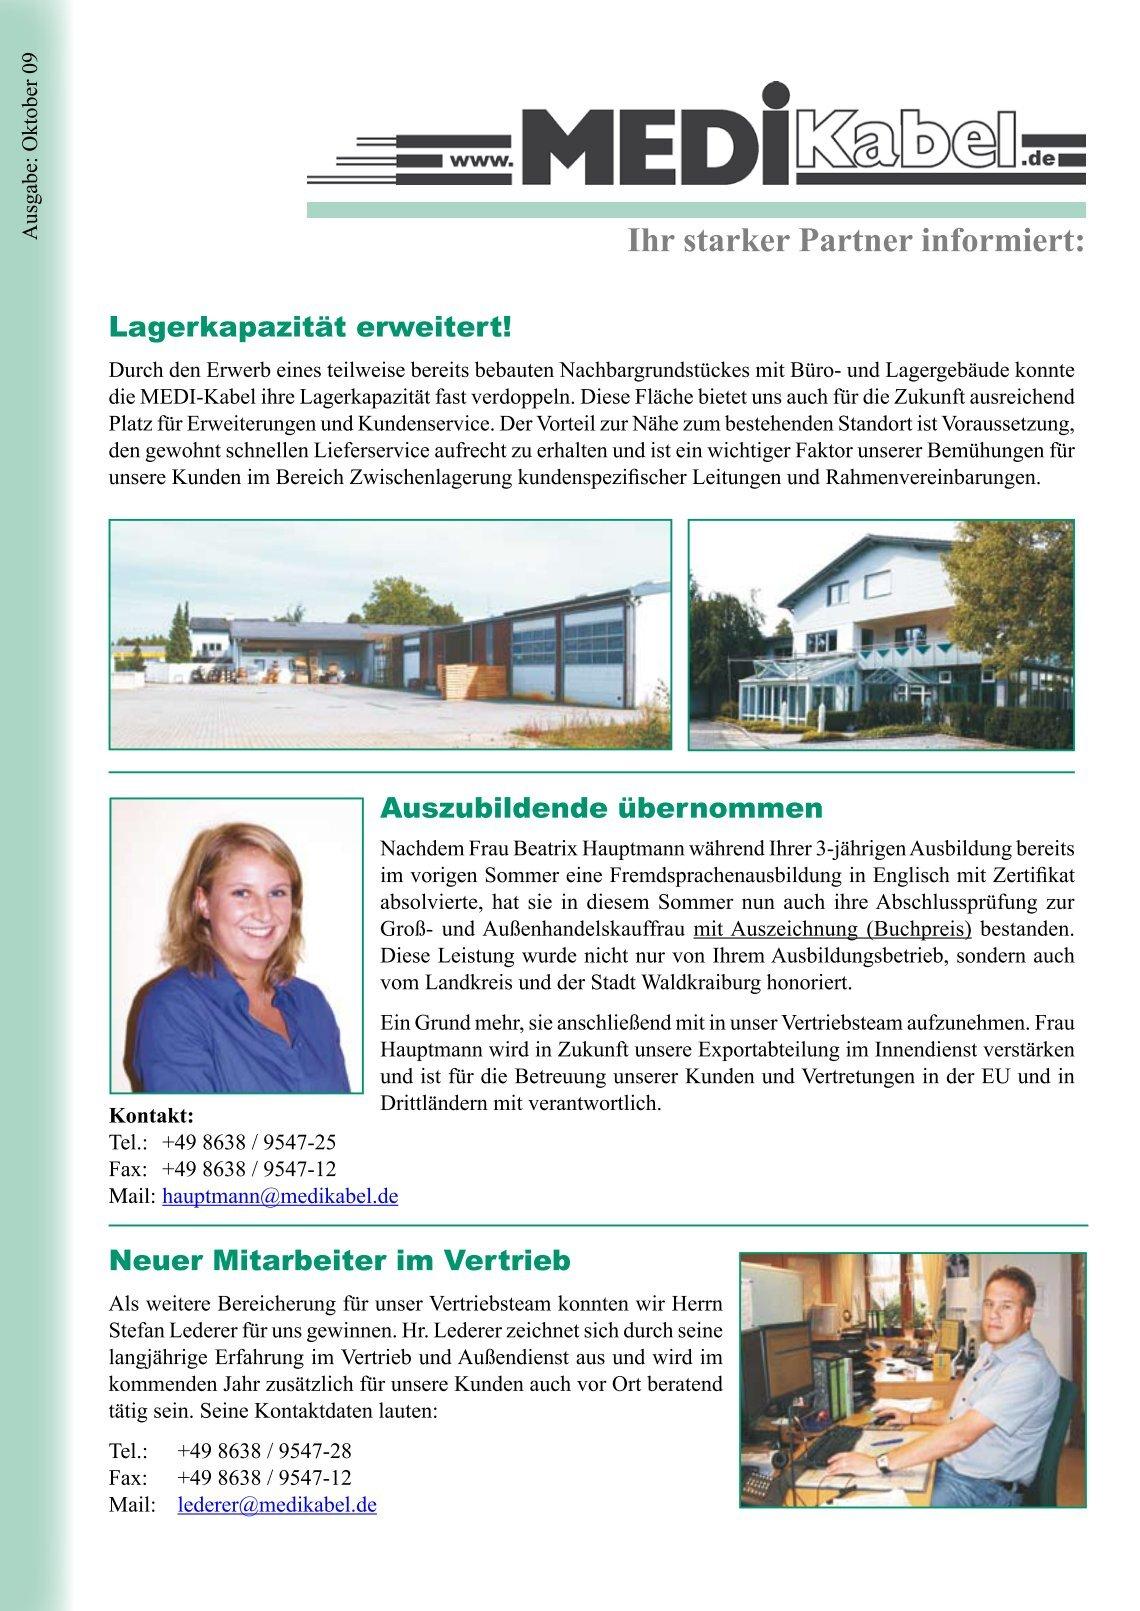 Großzügig Kabelmagazin Design Fotos - Schaltplan Serie Circuit ...